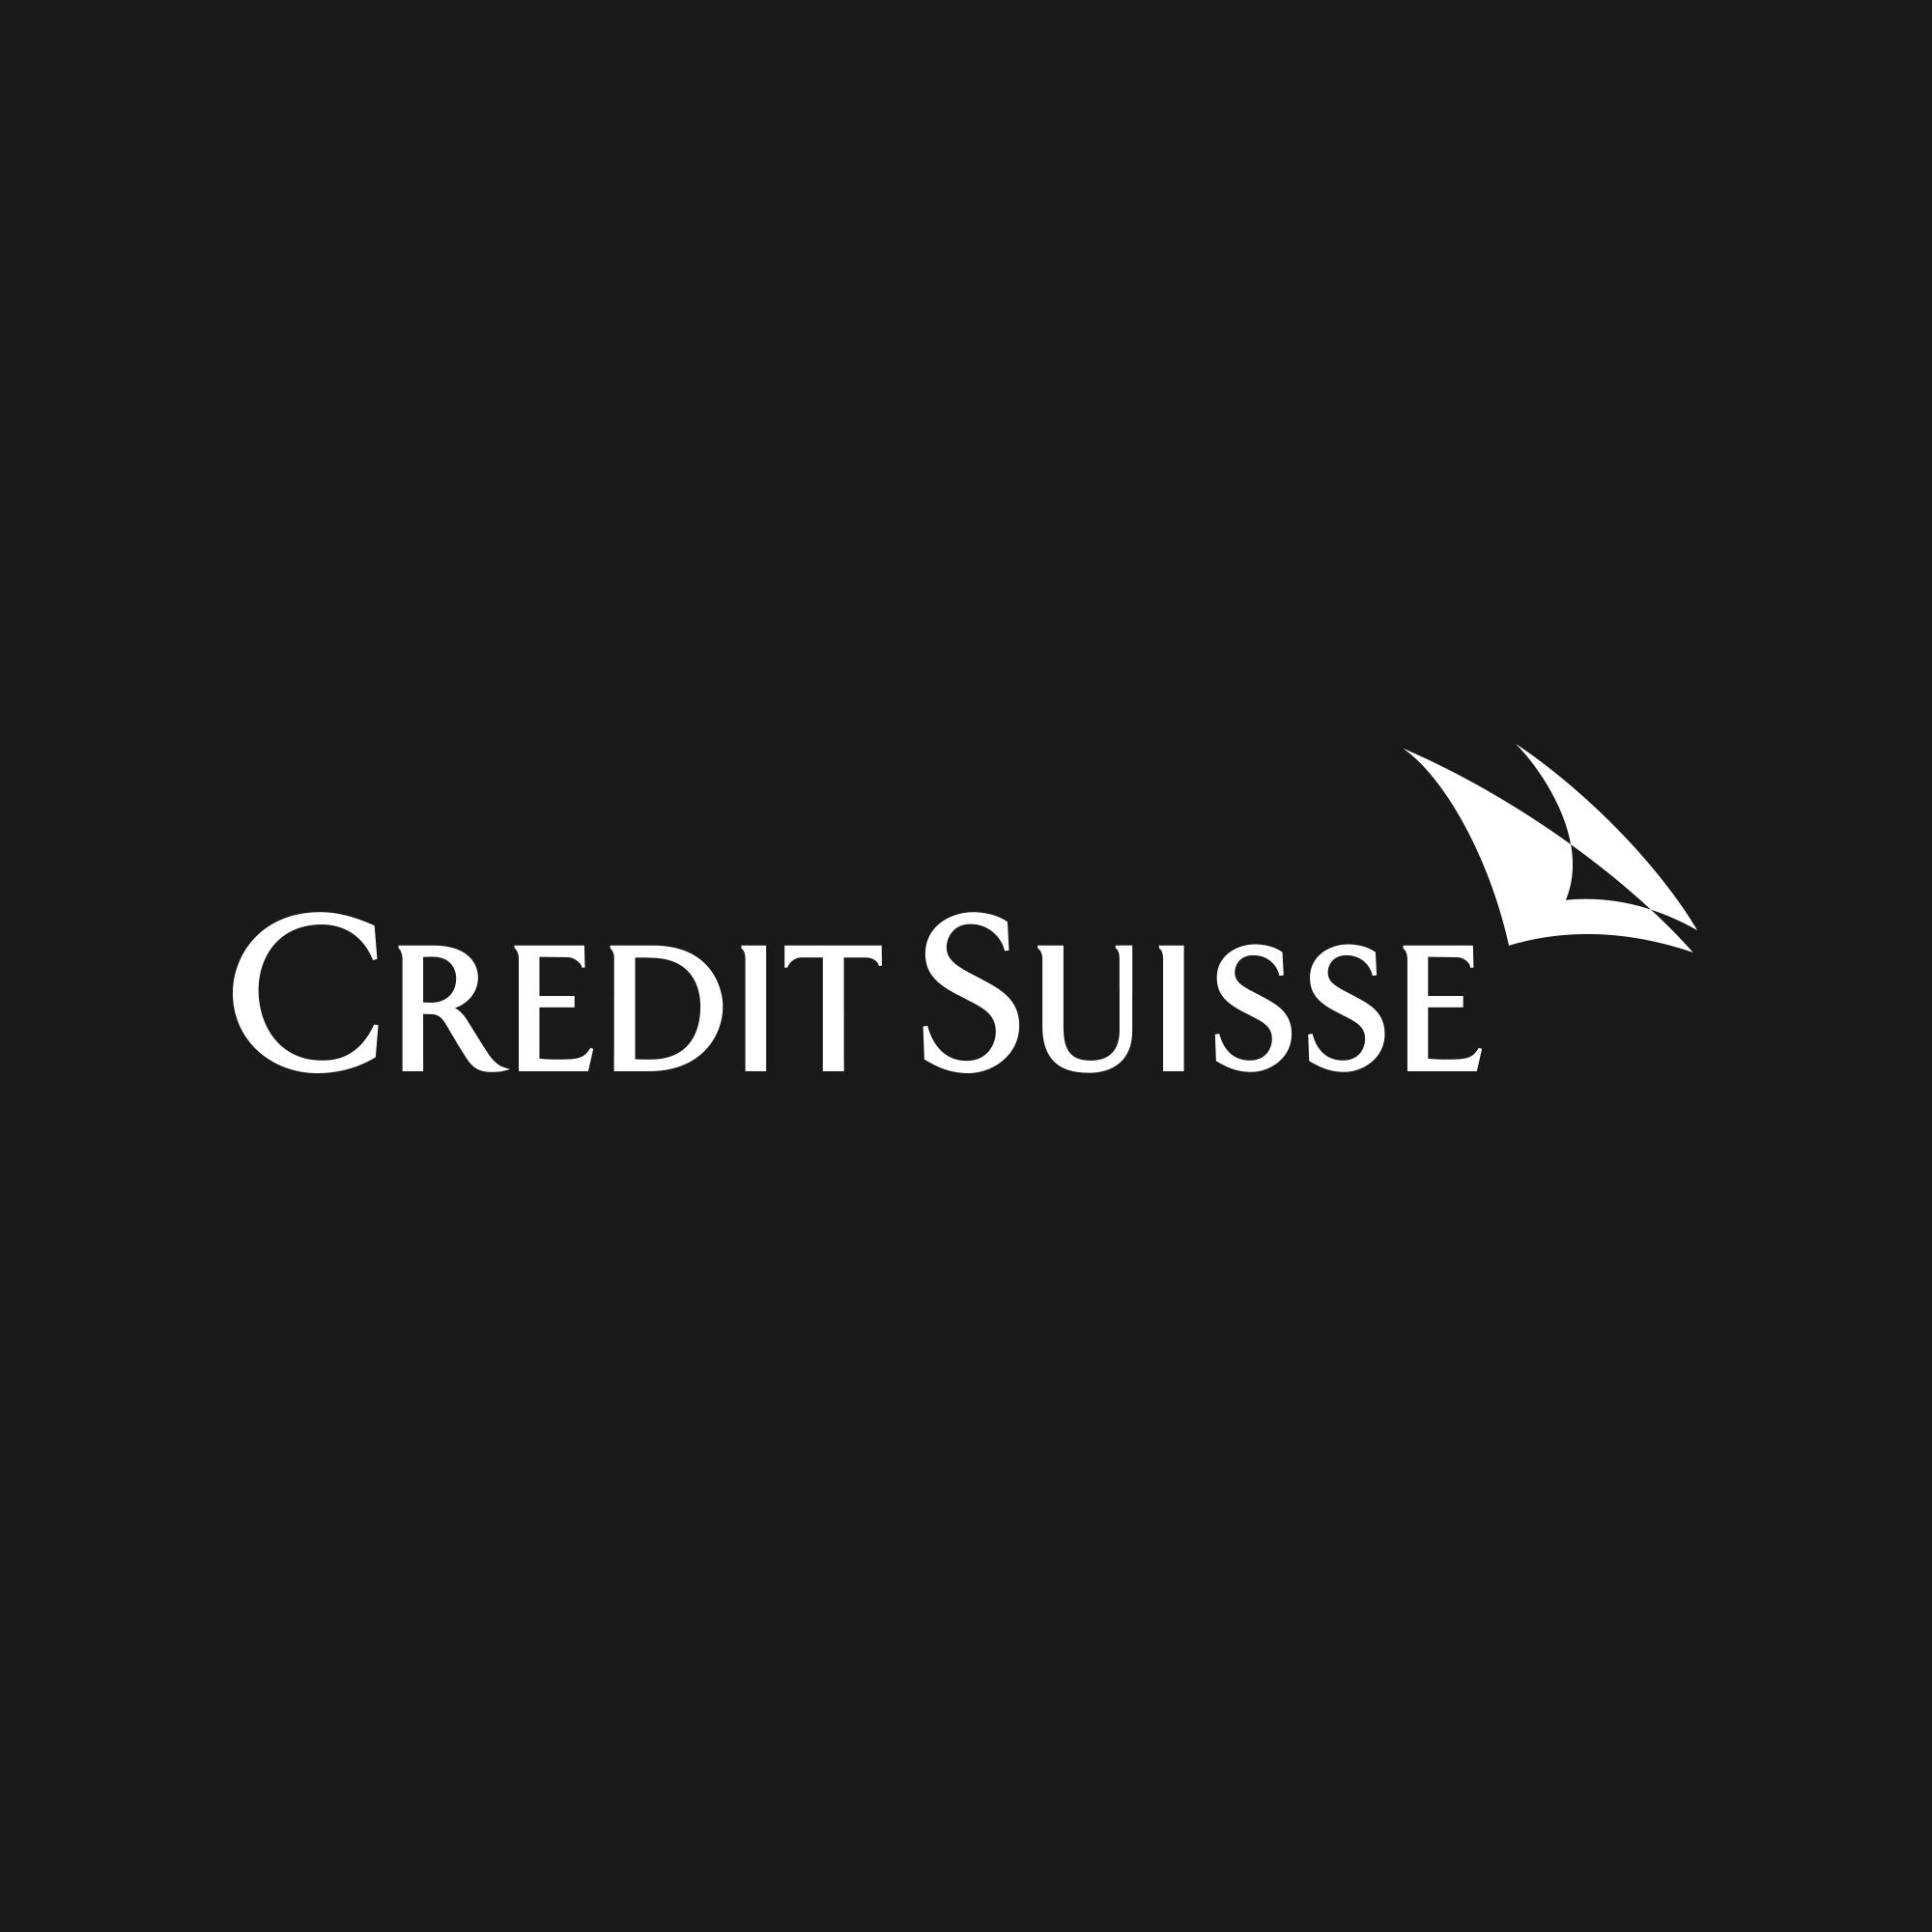 h&p_Credit Suisse